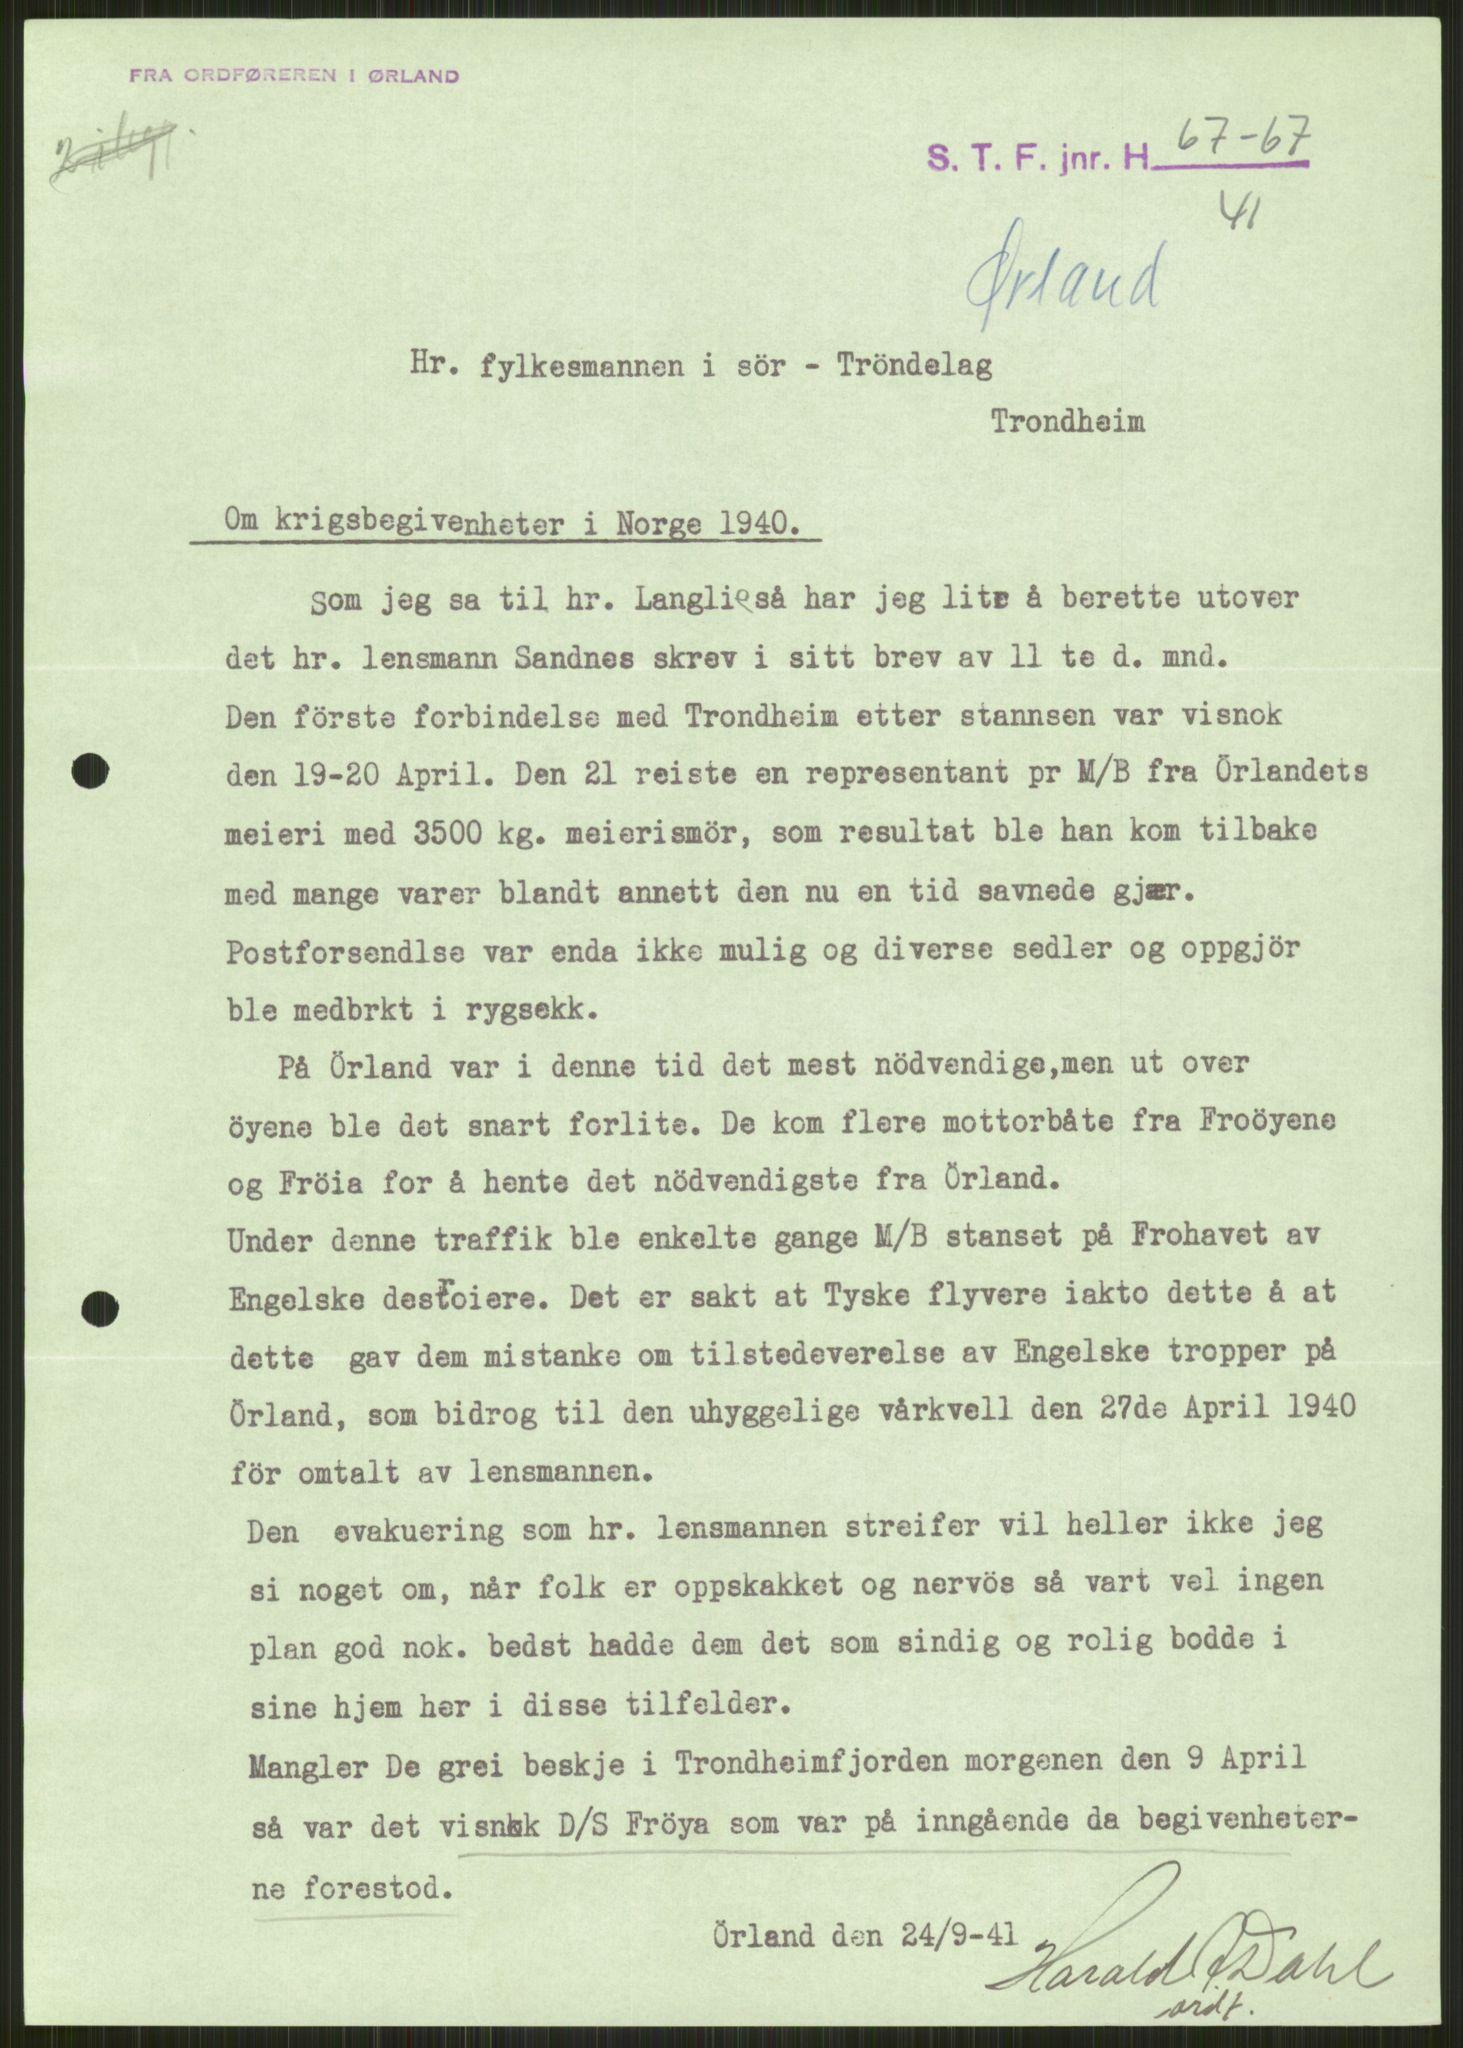 RA, Forsvaret, Forsvarets krigshistoriske avdeling, Y/Ya/L0016: II-C-11-31 - Fylkesmenn.  Rapporter om krigsbegivenhetene 1940., 1940, s. 30